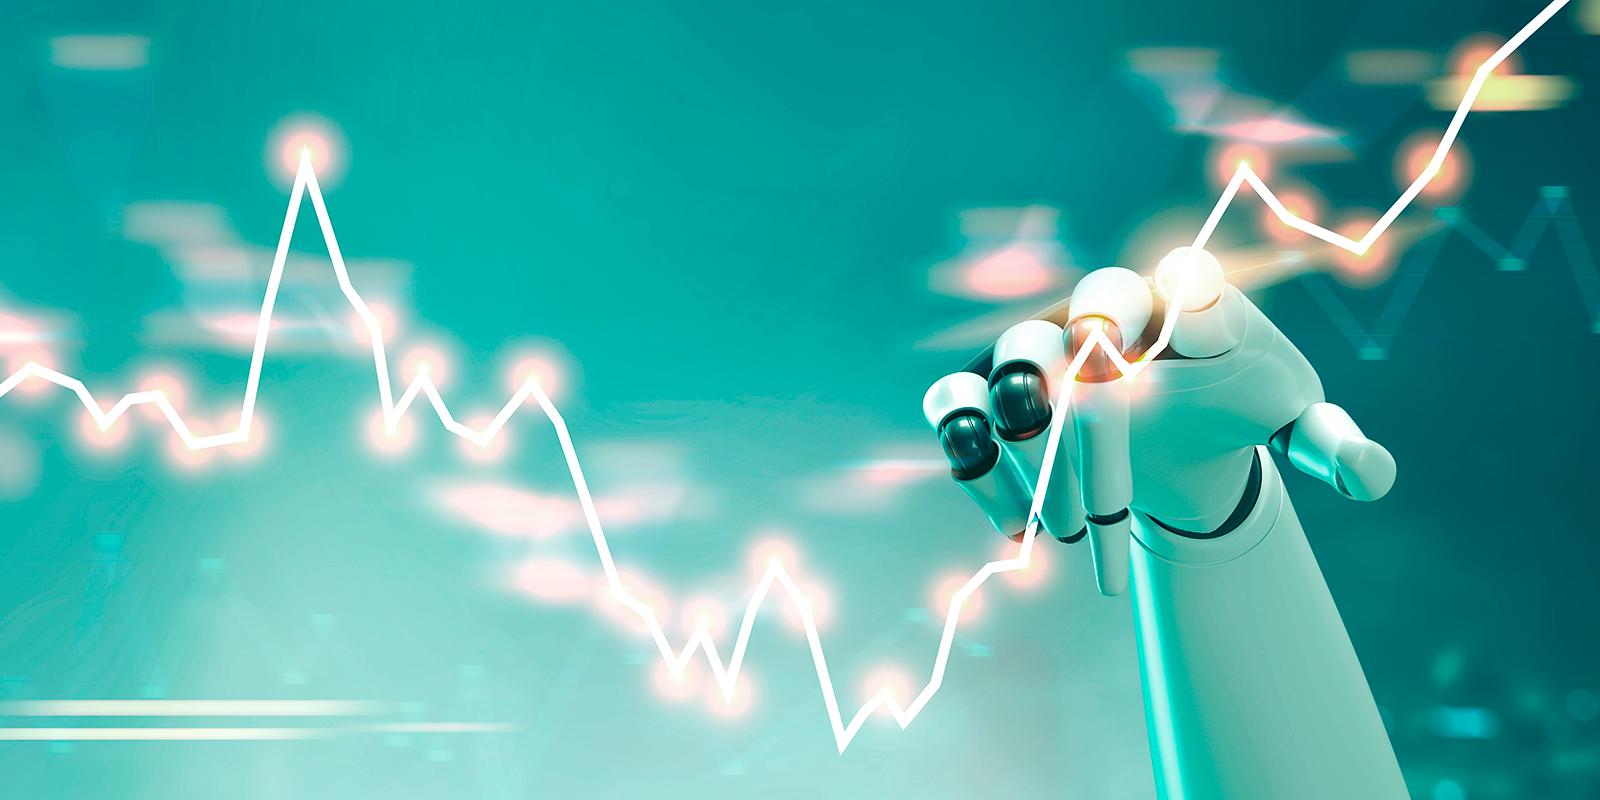 Robô-investidor: entenda o que é e se vale a pena utilizar